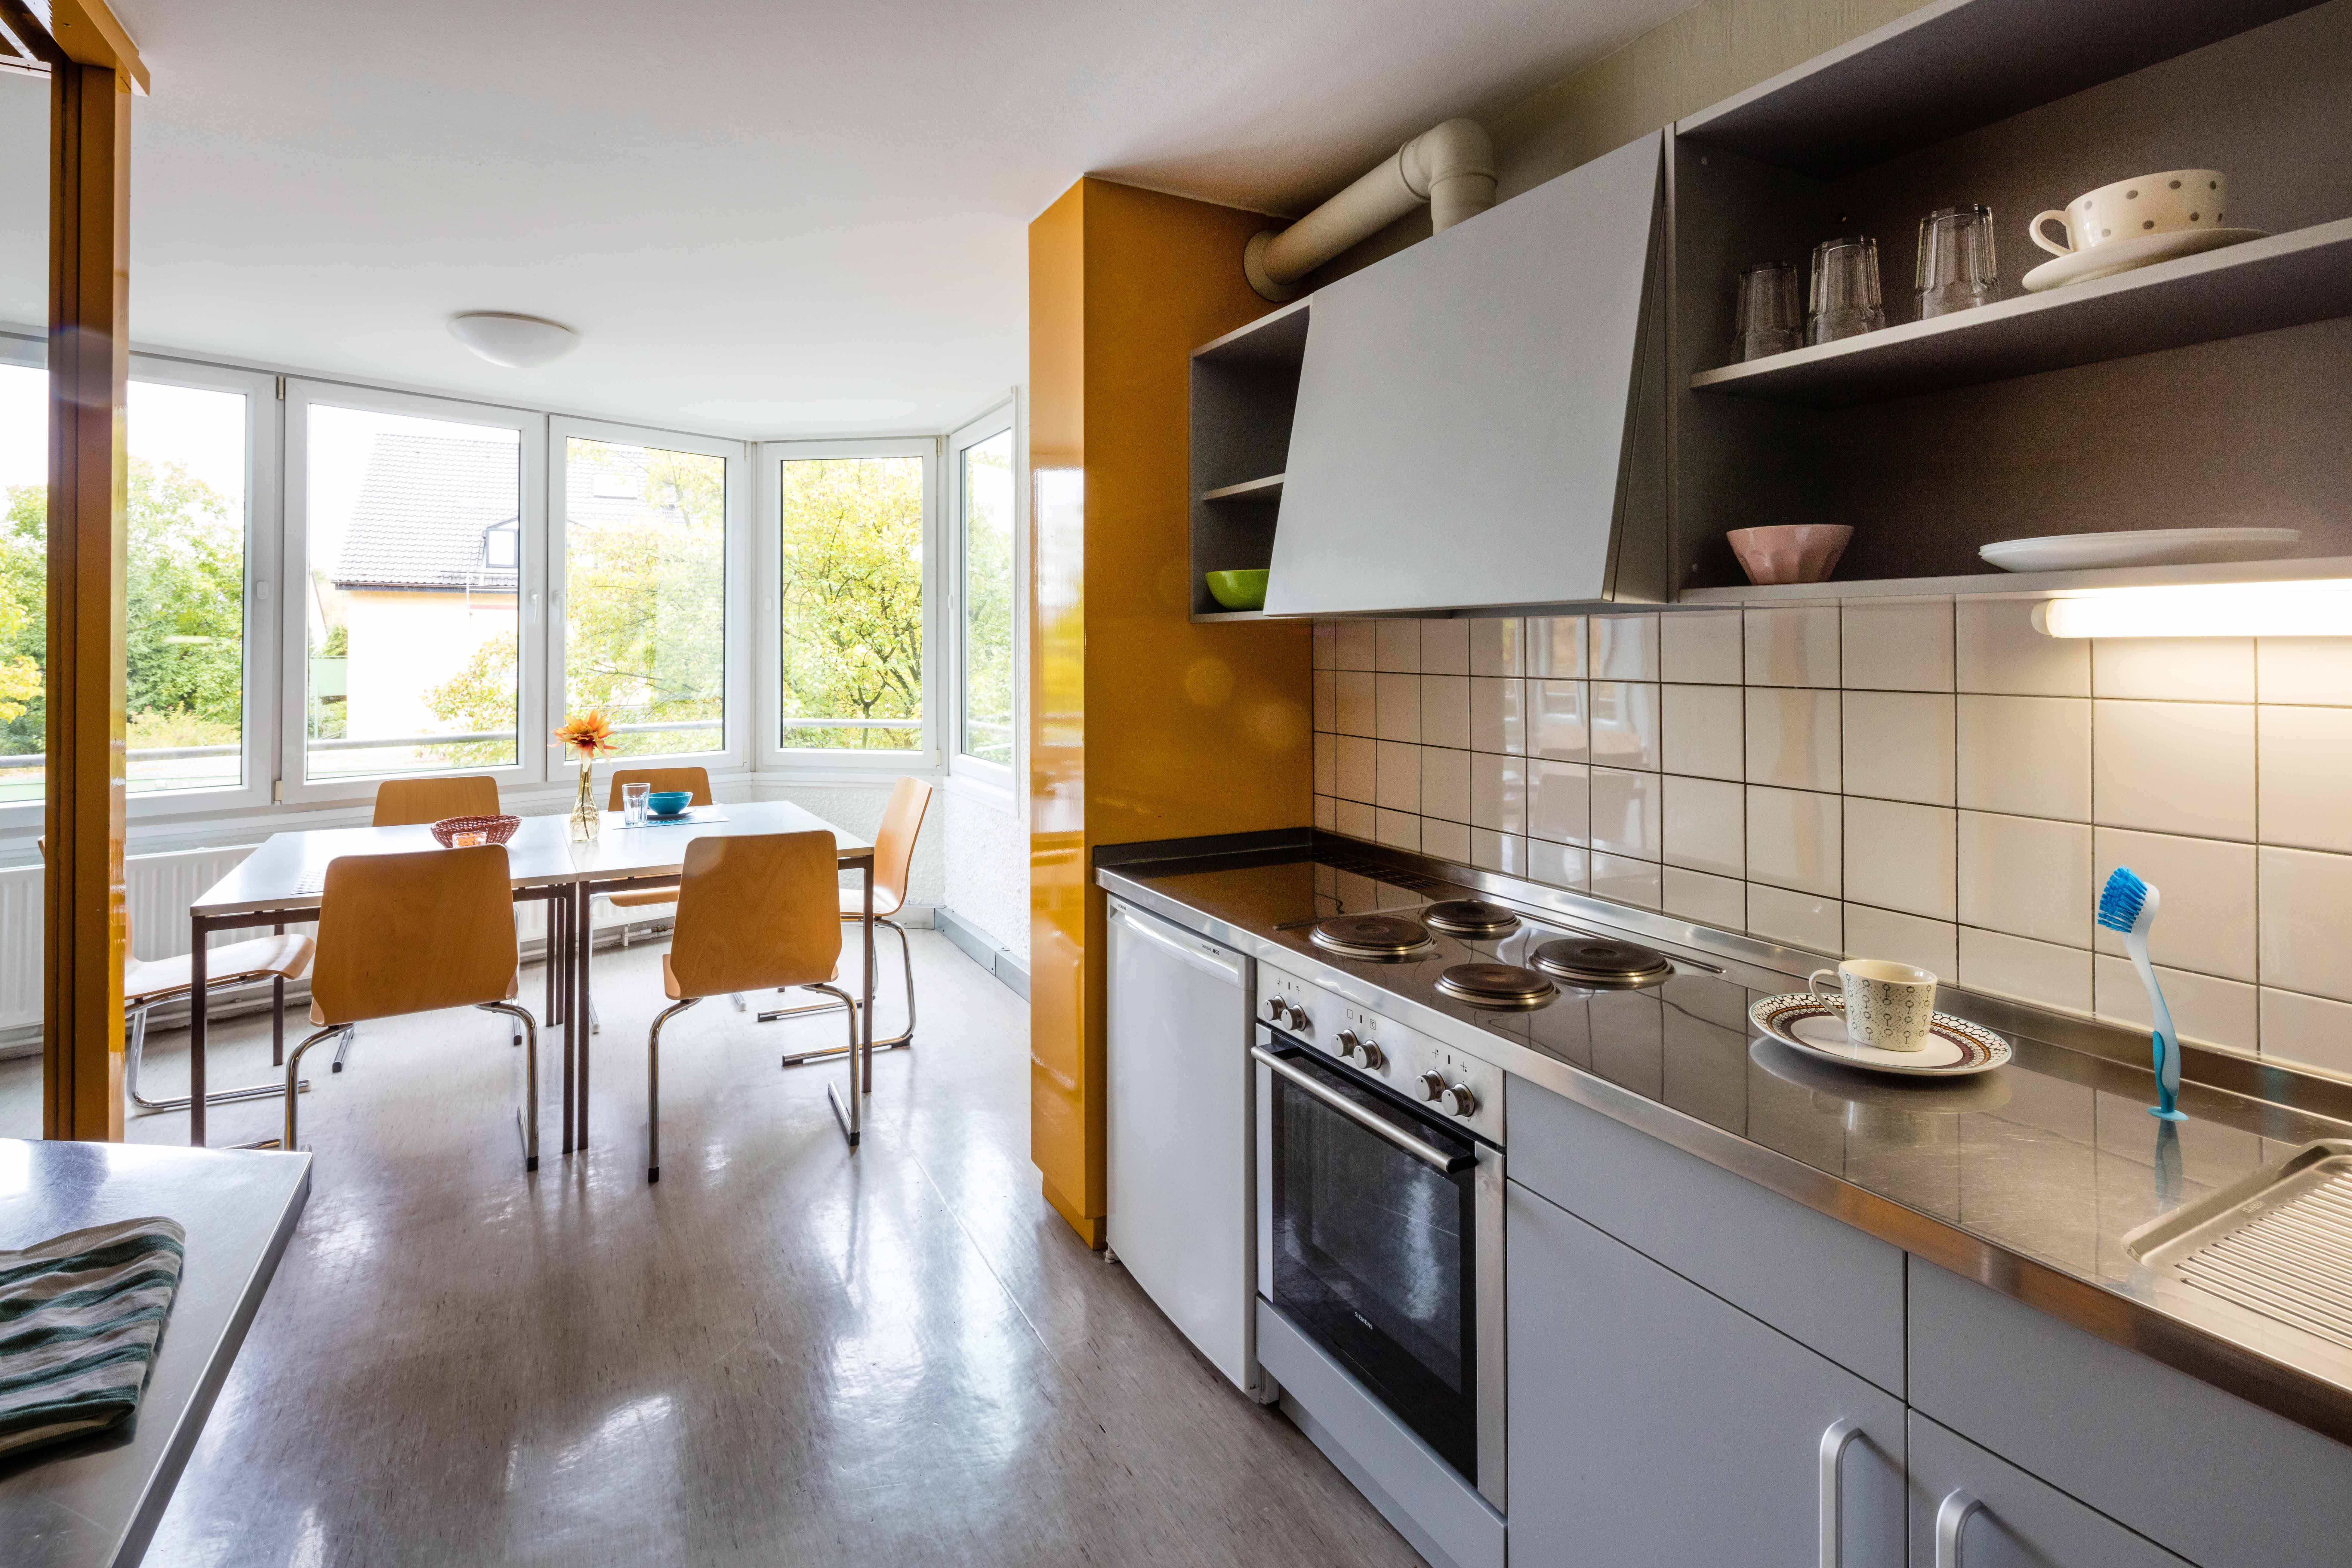 www kchen quelle de good meuble case ikea country kitchen. Black Bedroom Furniture Sets. Home Design Ideas